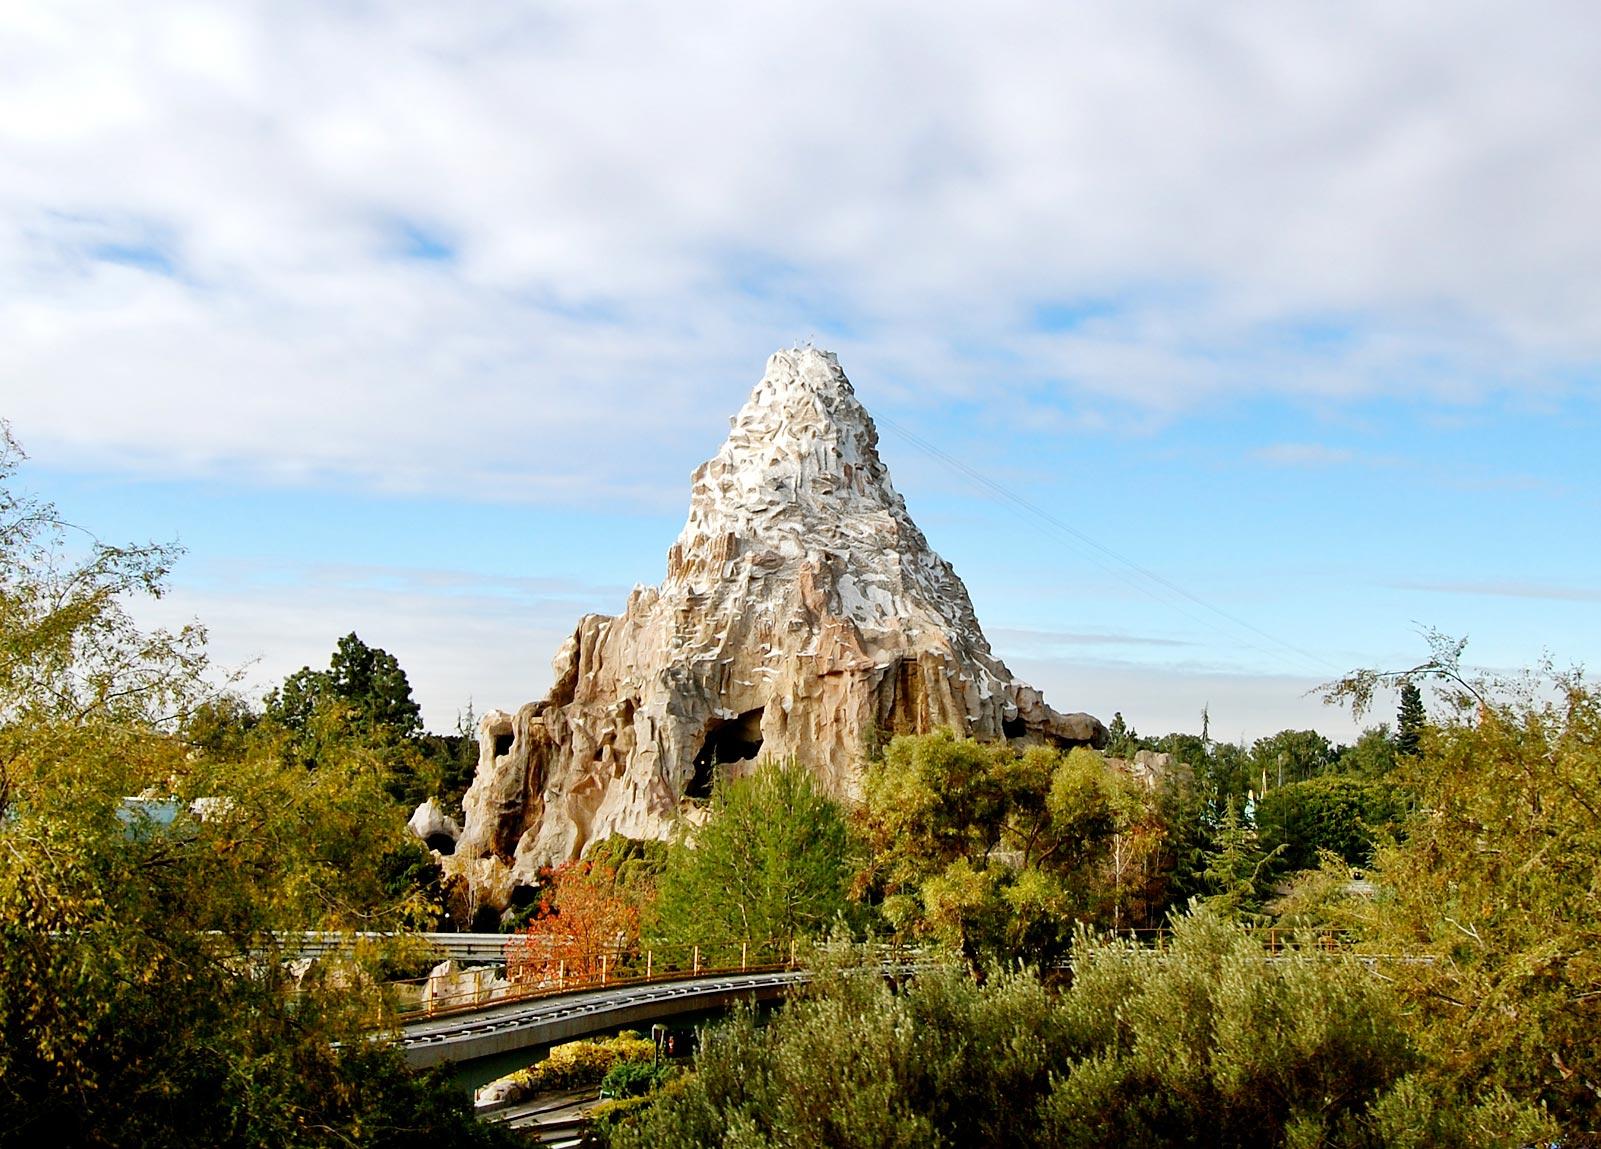 Matterhorn Disneyland Matterhorn Ride